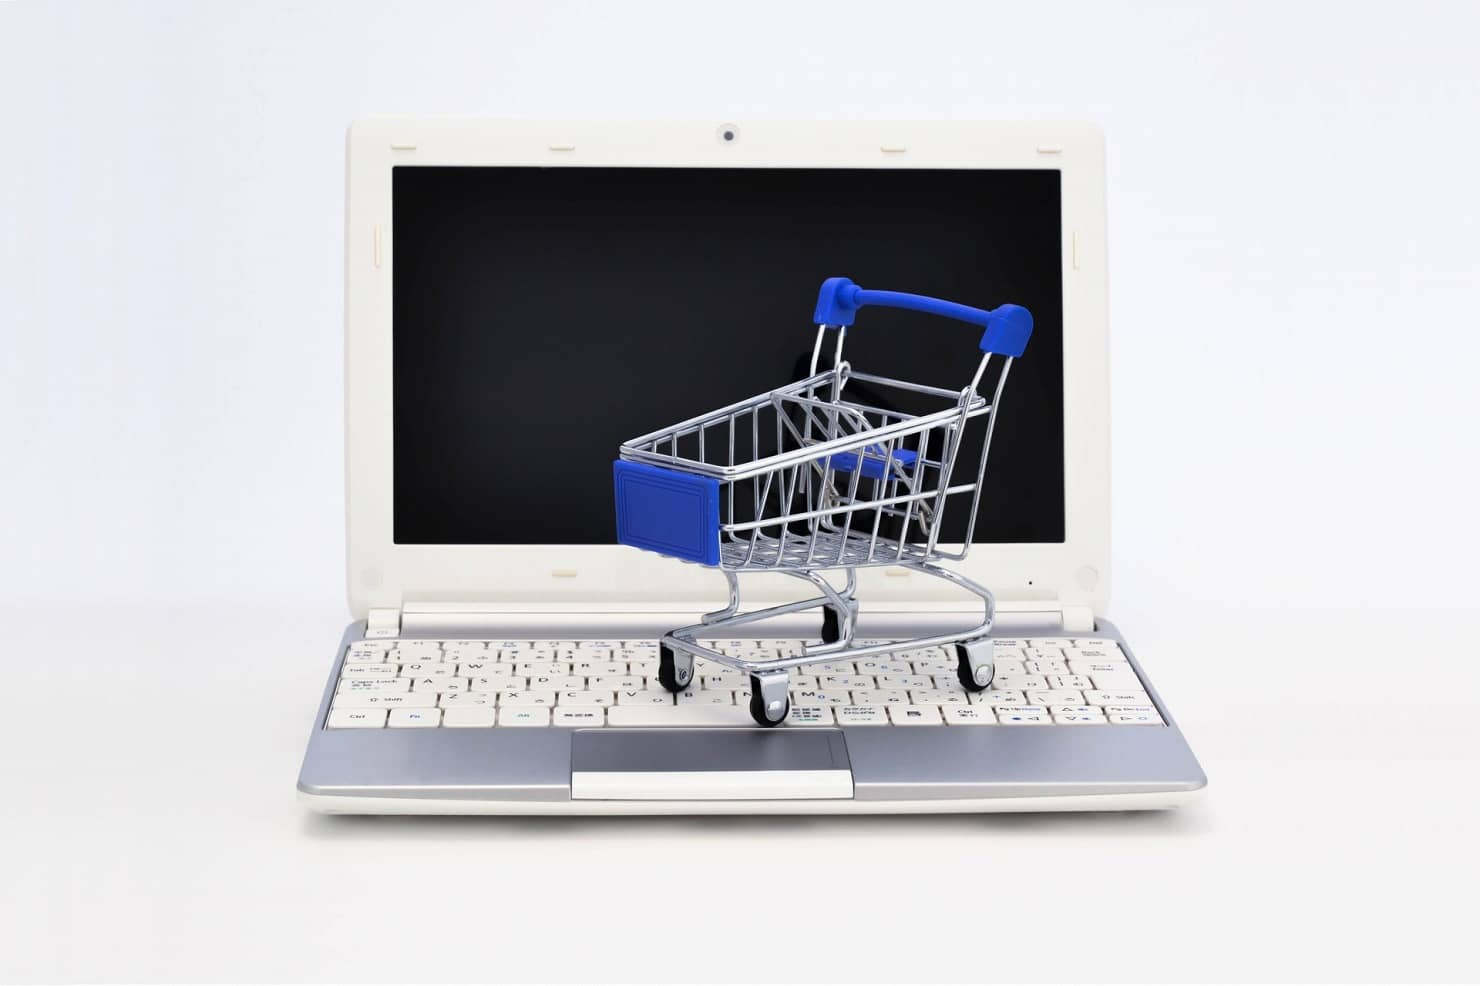 まとめ買いができないママはネットスーパーを活用!